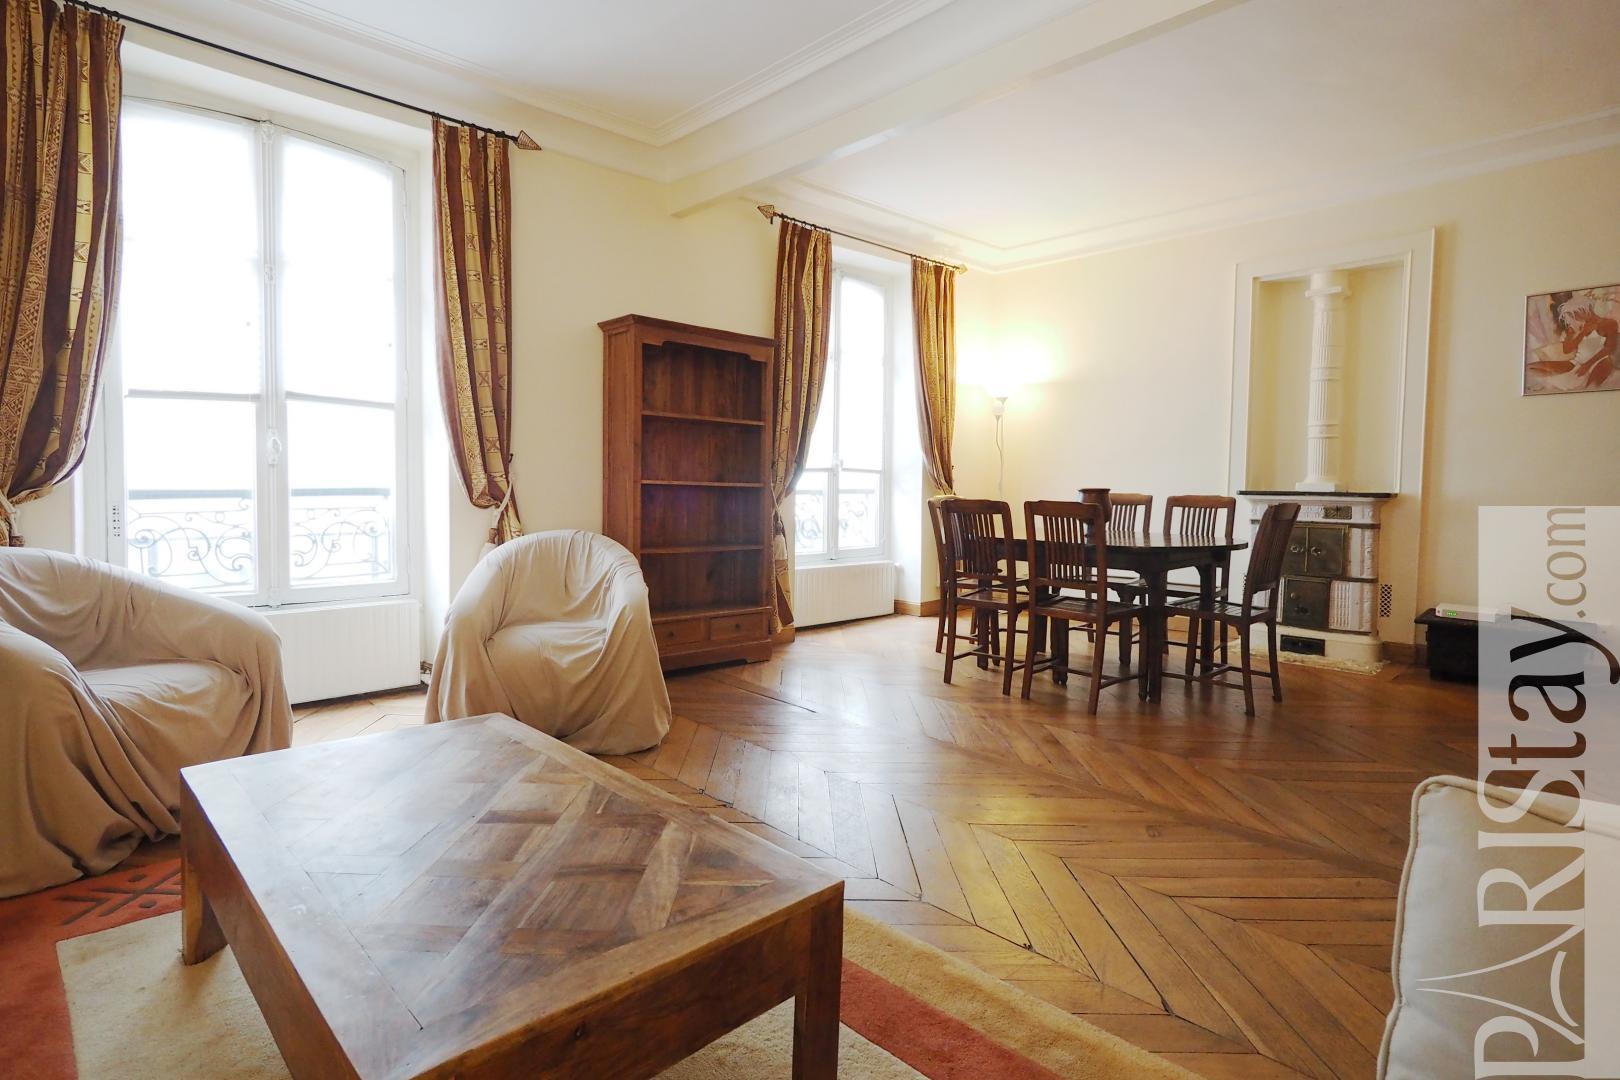 1 bedroom apartment long term rentals Place des Ternes ...